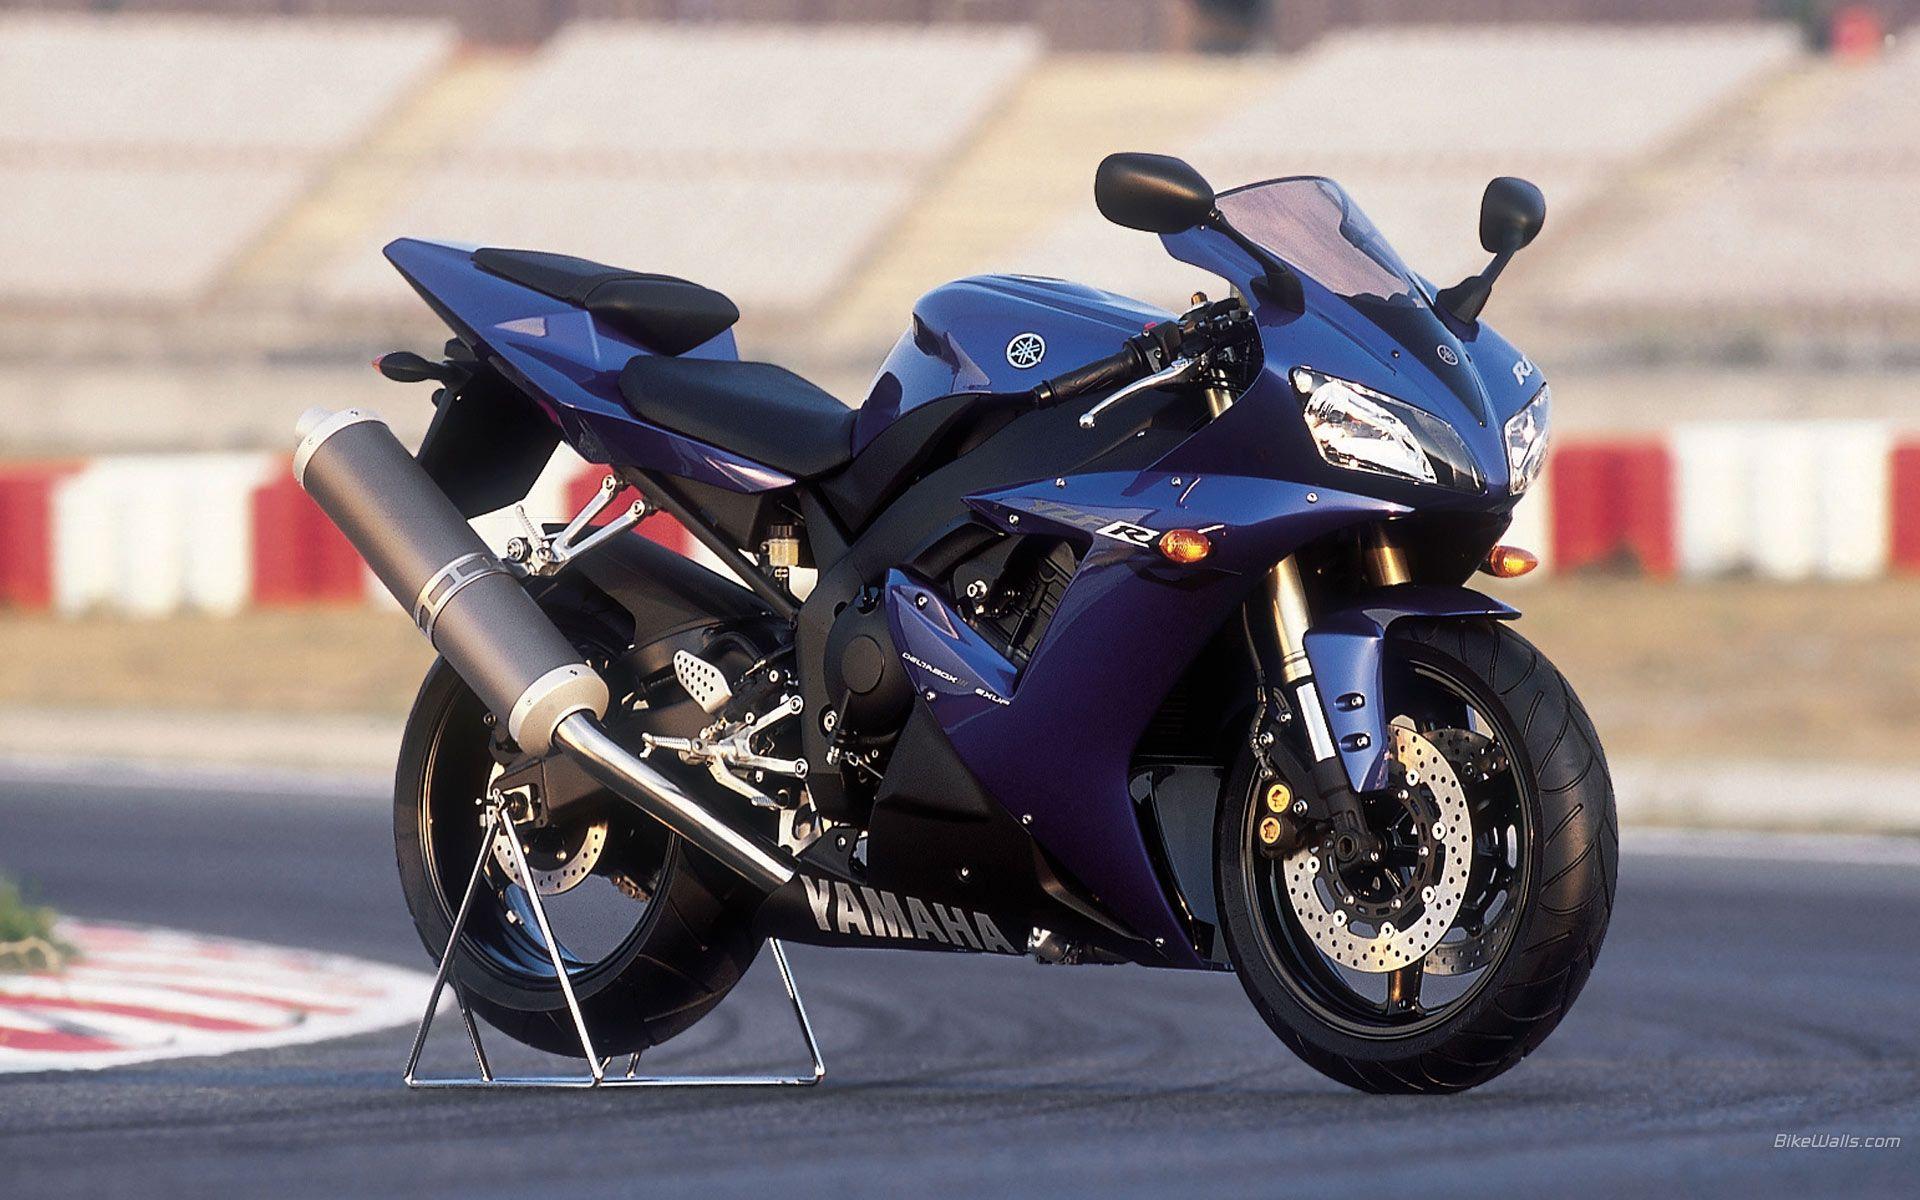 yamaha r1 2002 | обоя Yamaha YZF-R1 2002 08 1920x1200